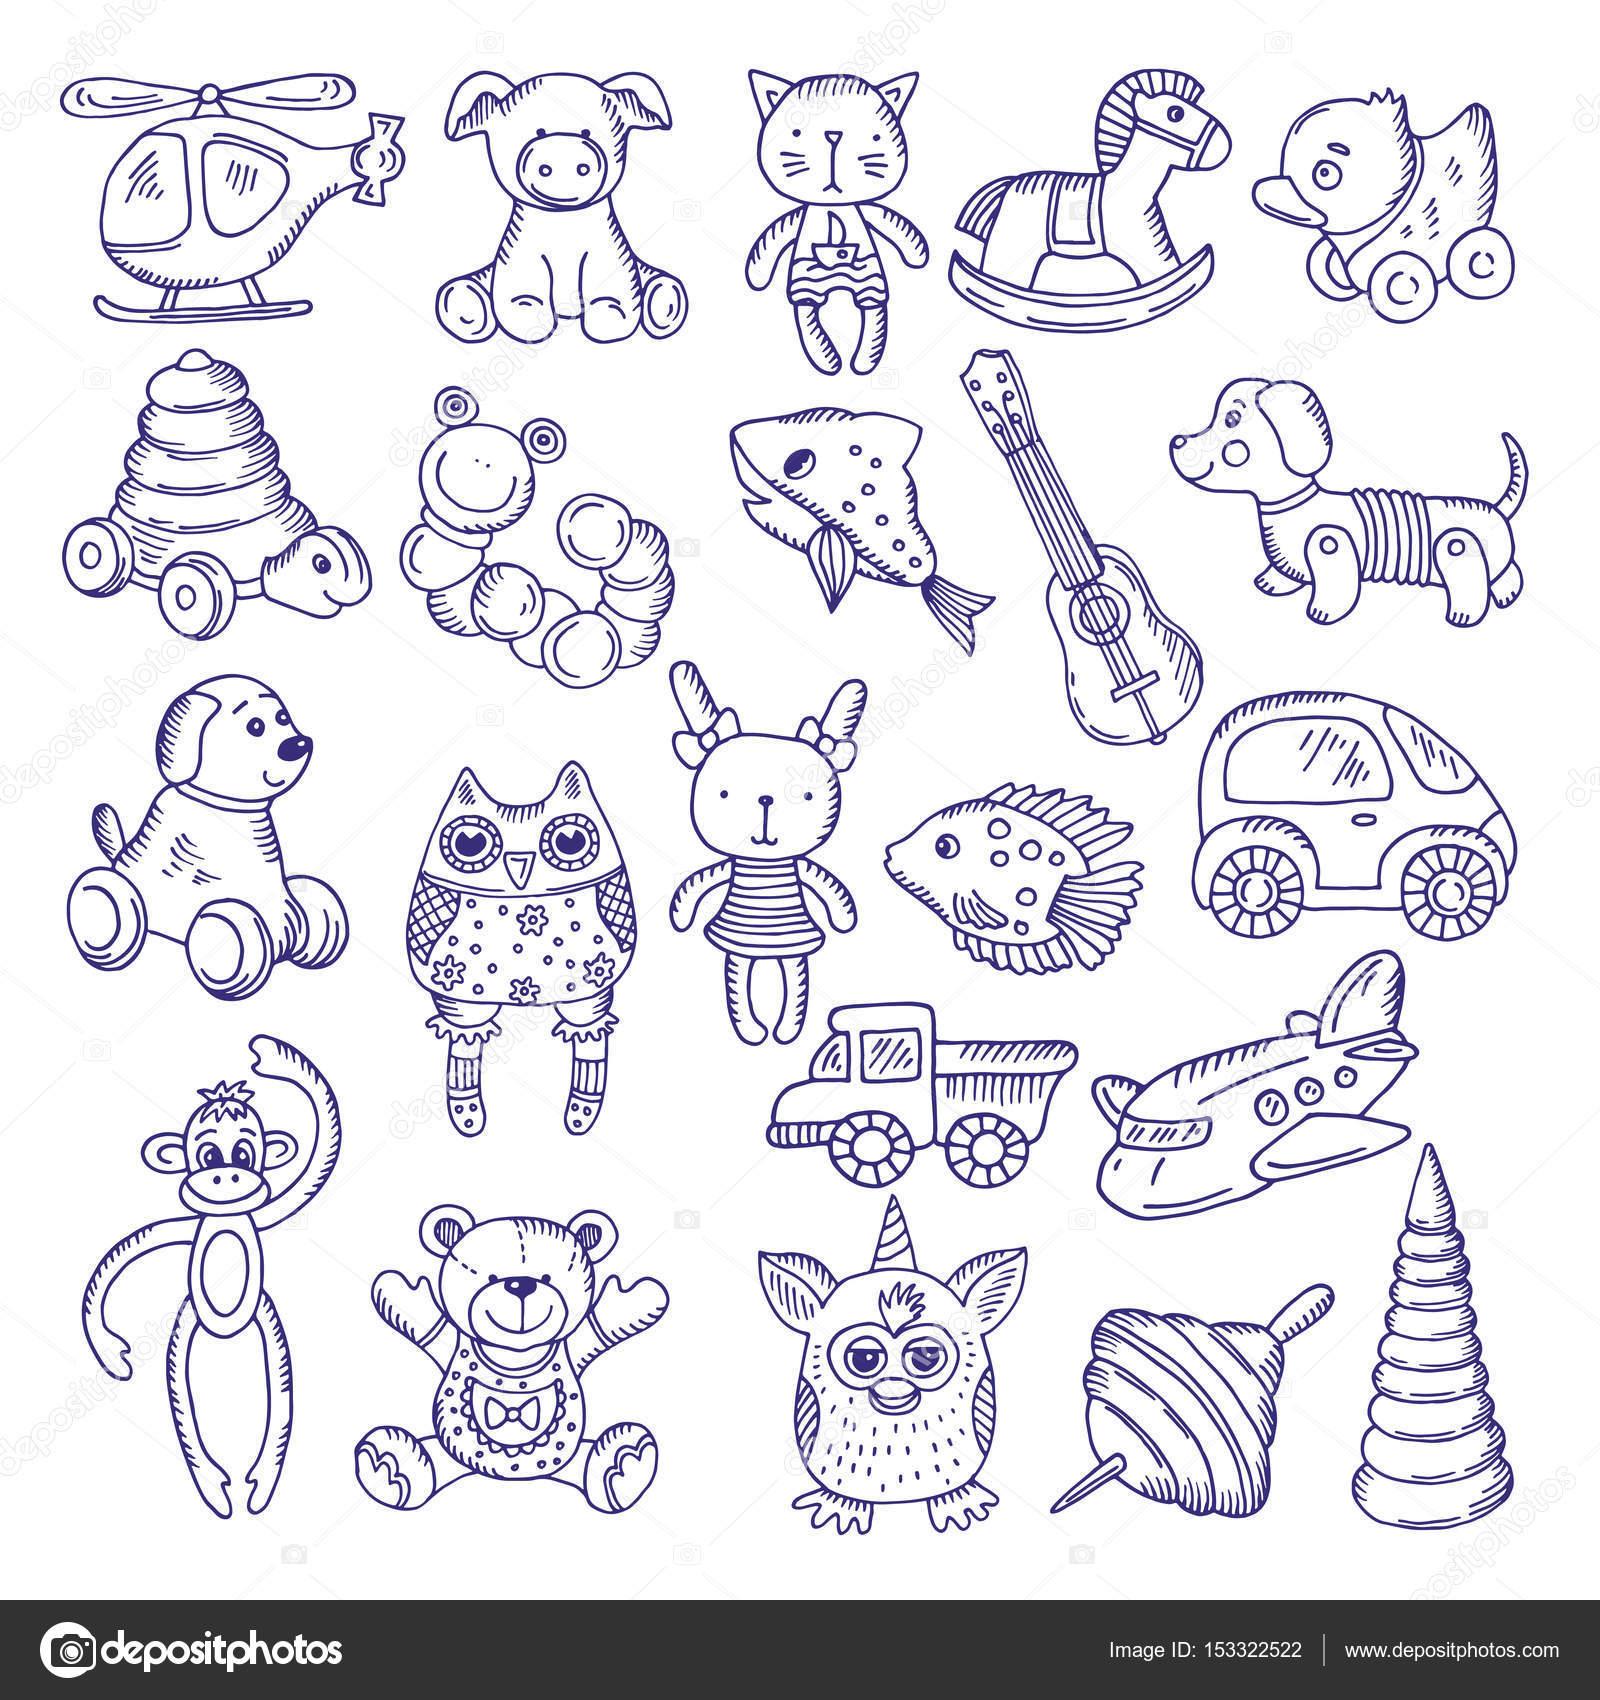 Dibujado a mano doodle juguetes para los niños. Aislar a bocetos de ...